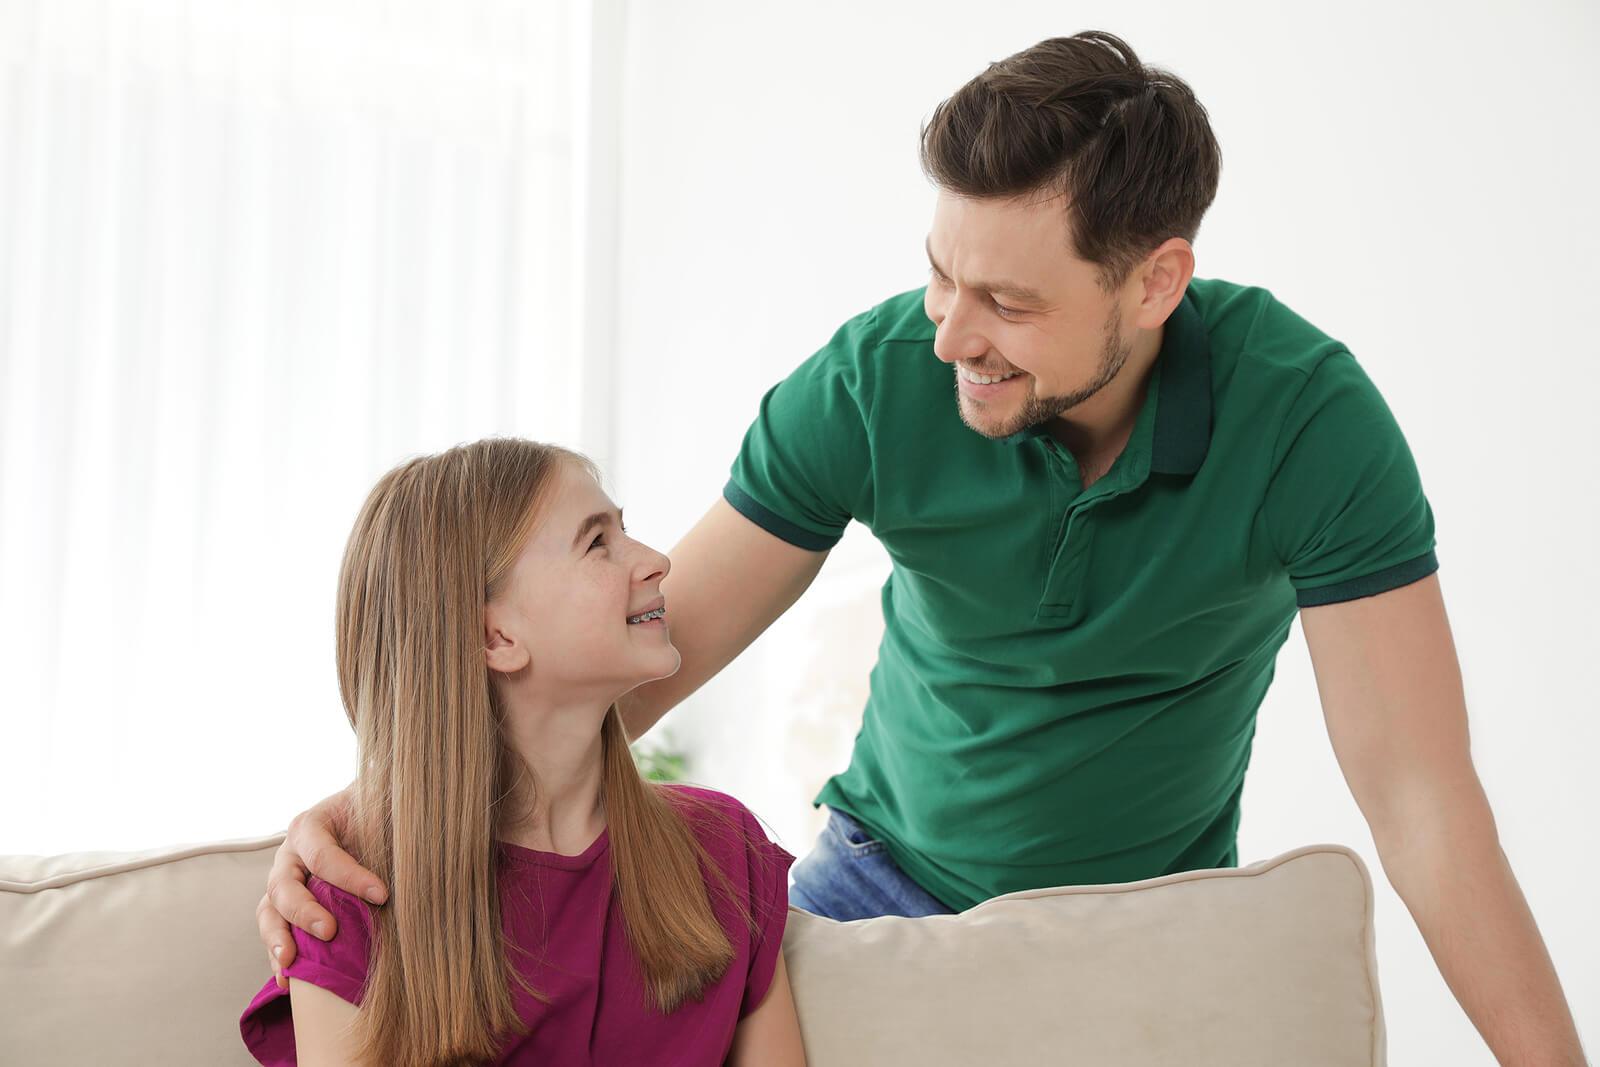 Padre hablando con su hija para evitar que se convierta en un eterno adolescente.